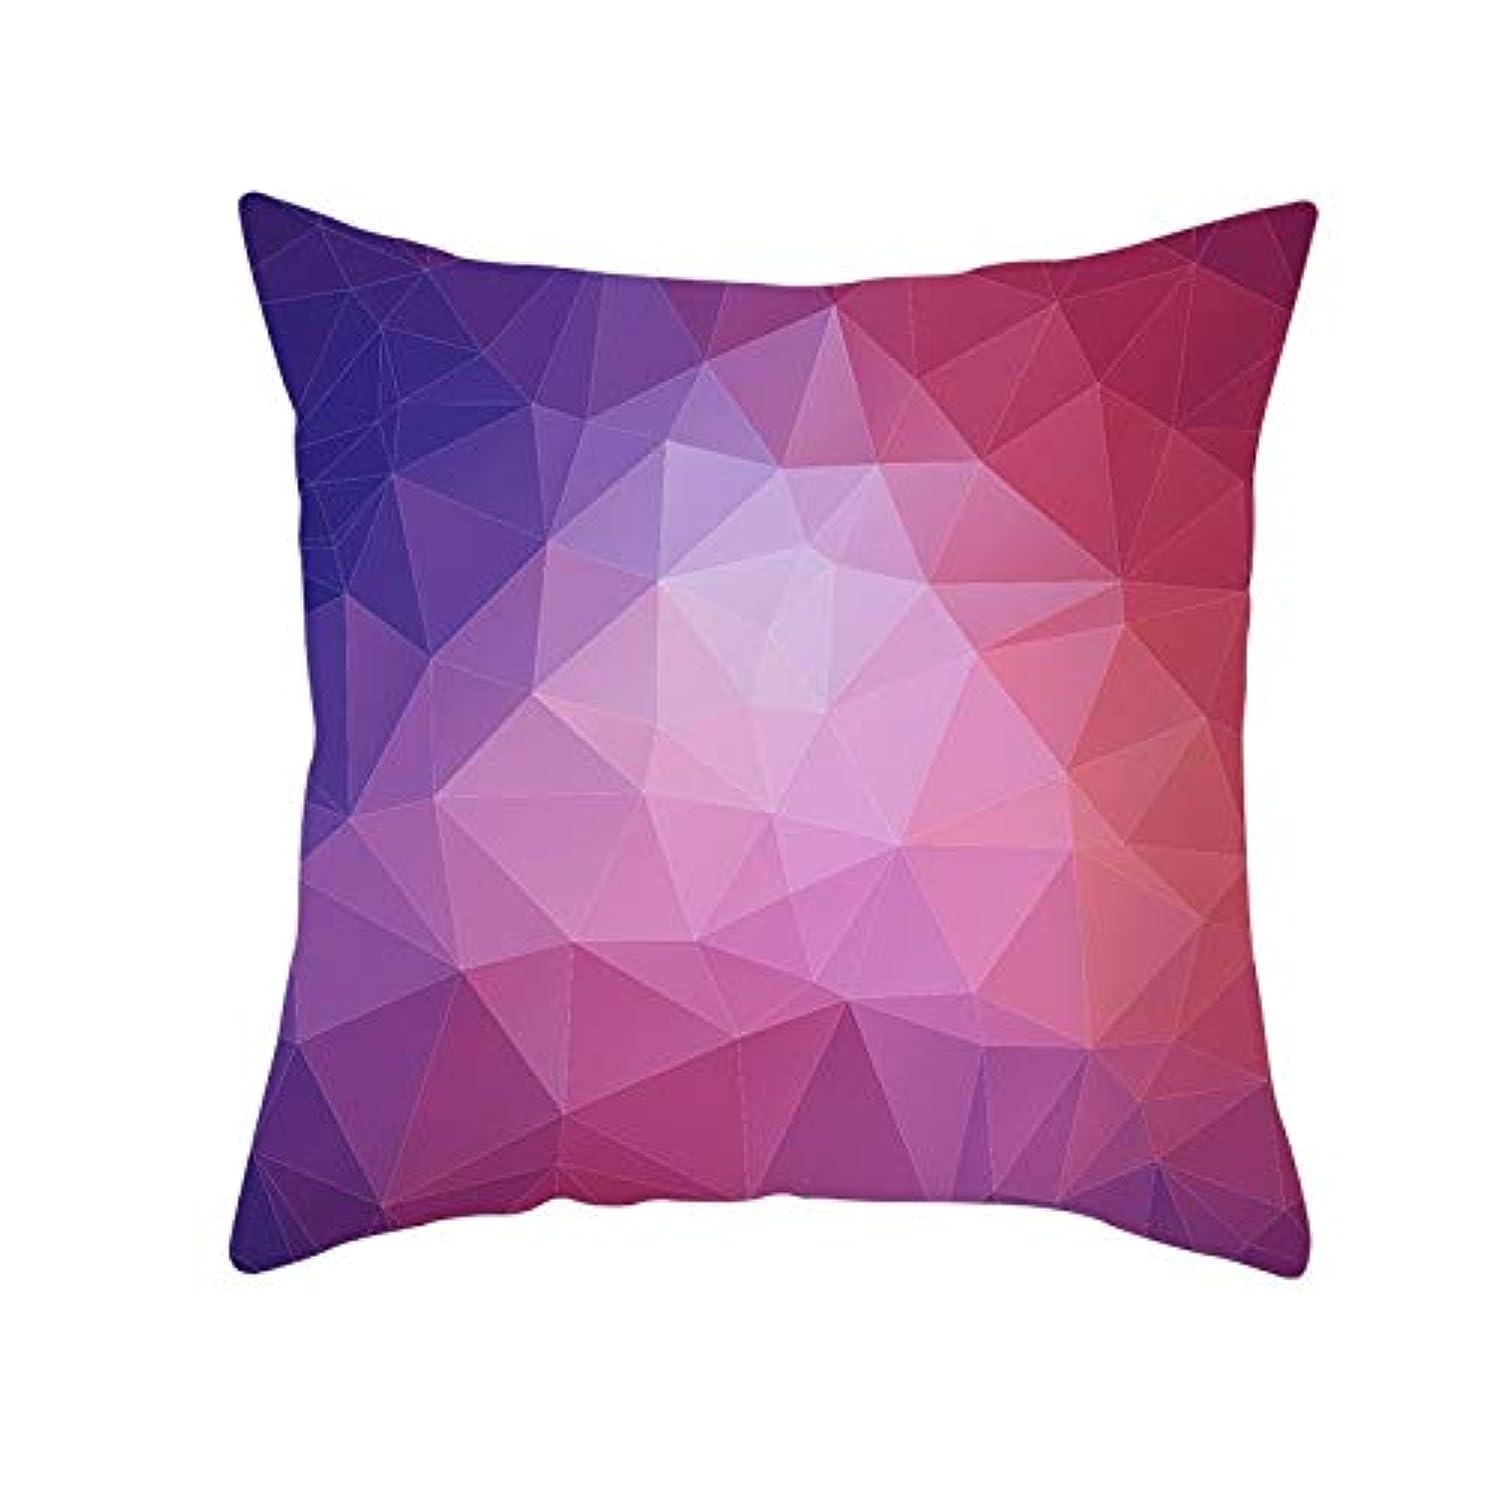 主張する同志パドルLIFE 装飾クッションソファ 幾何学プリントポリエステル正方形の枕ソファスロークッション家の装飾 coussin デ長椅子 クッション 椅子